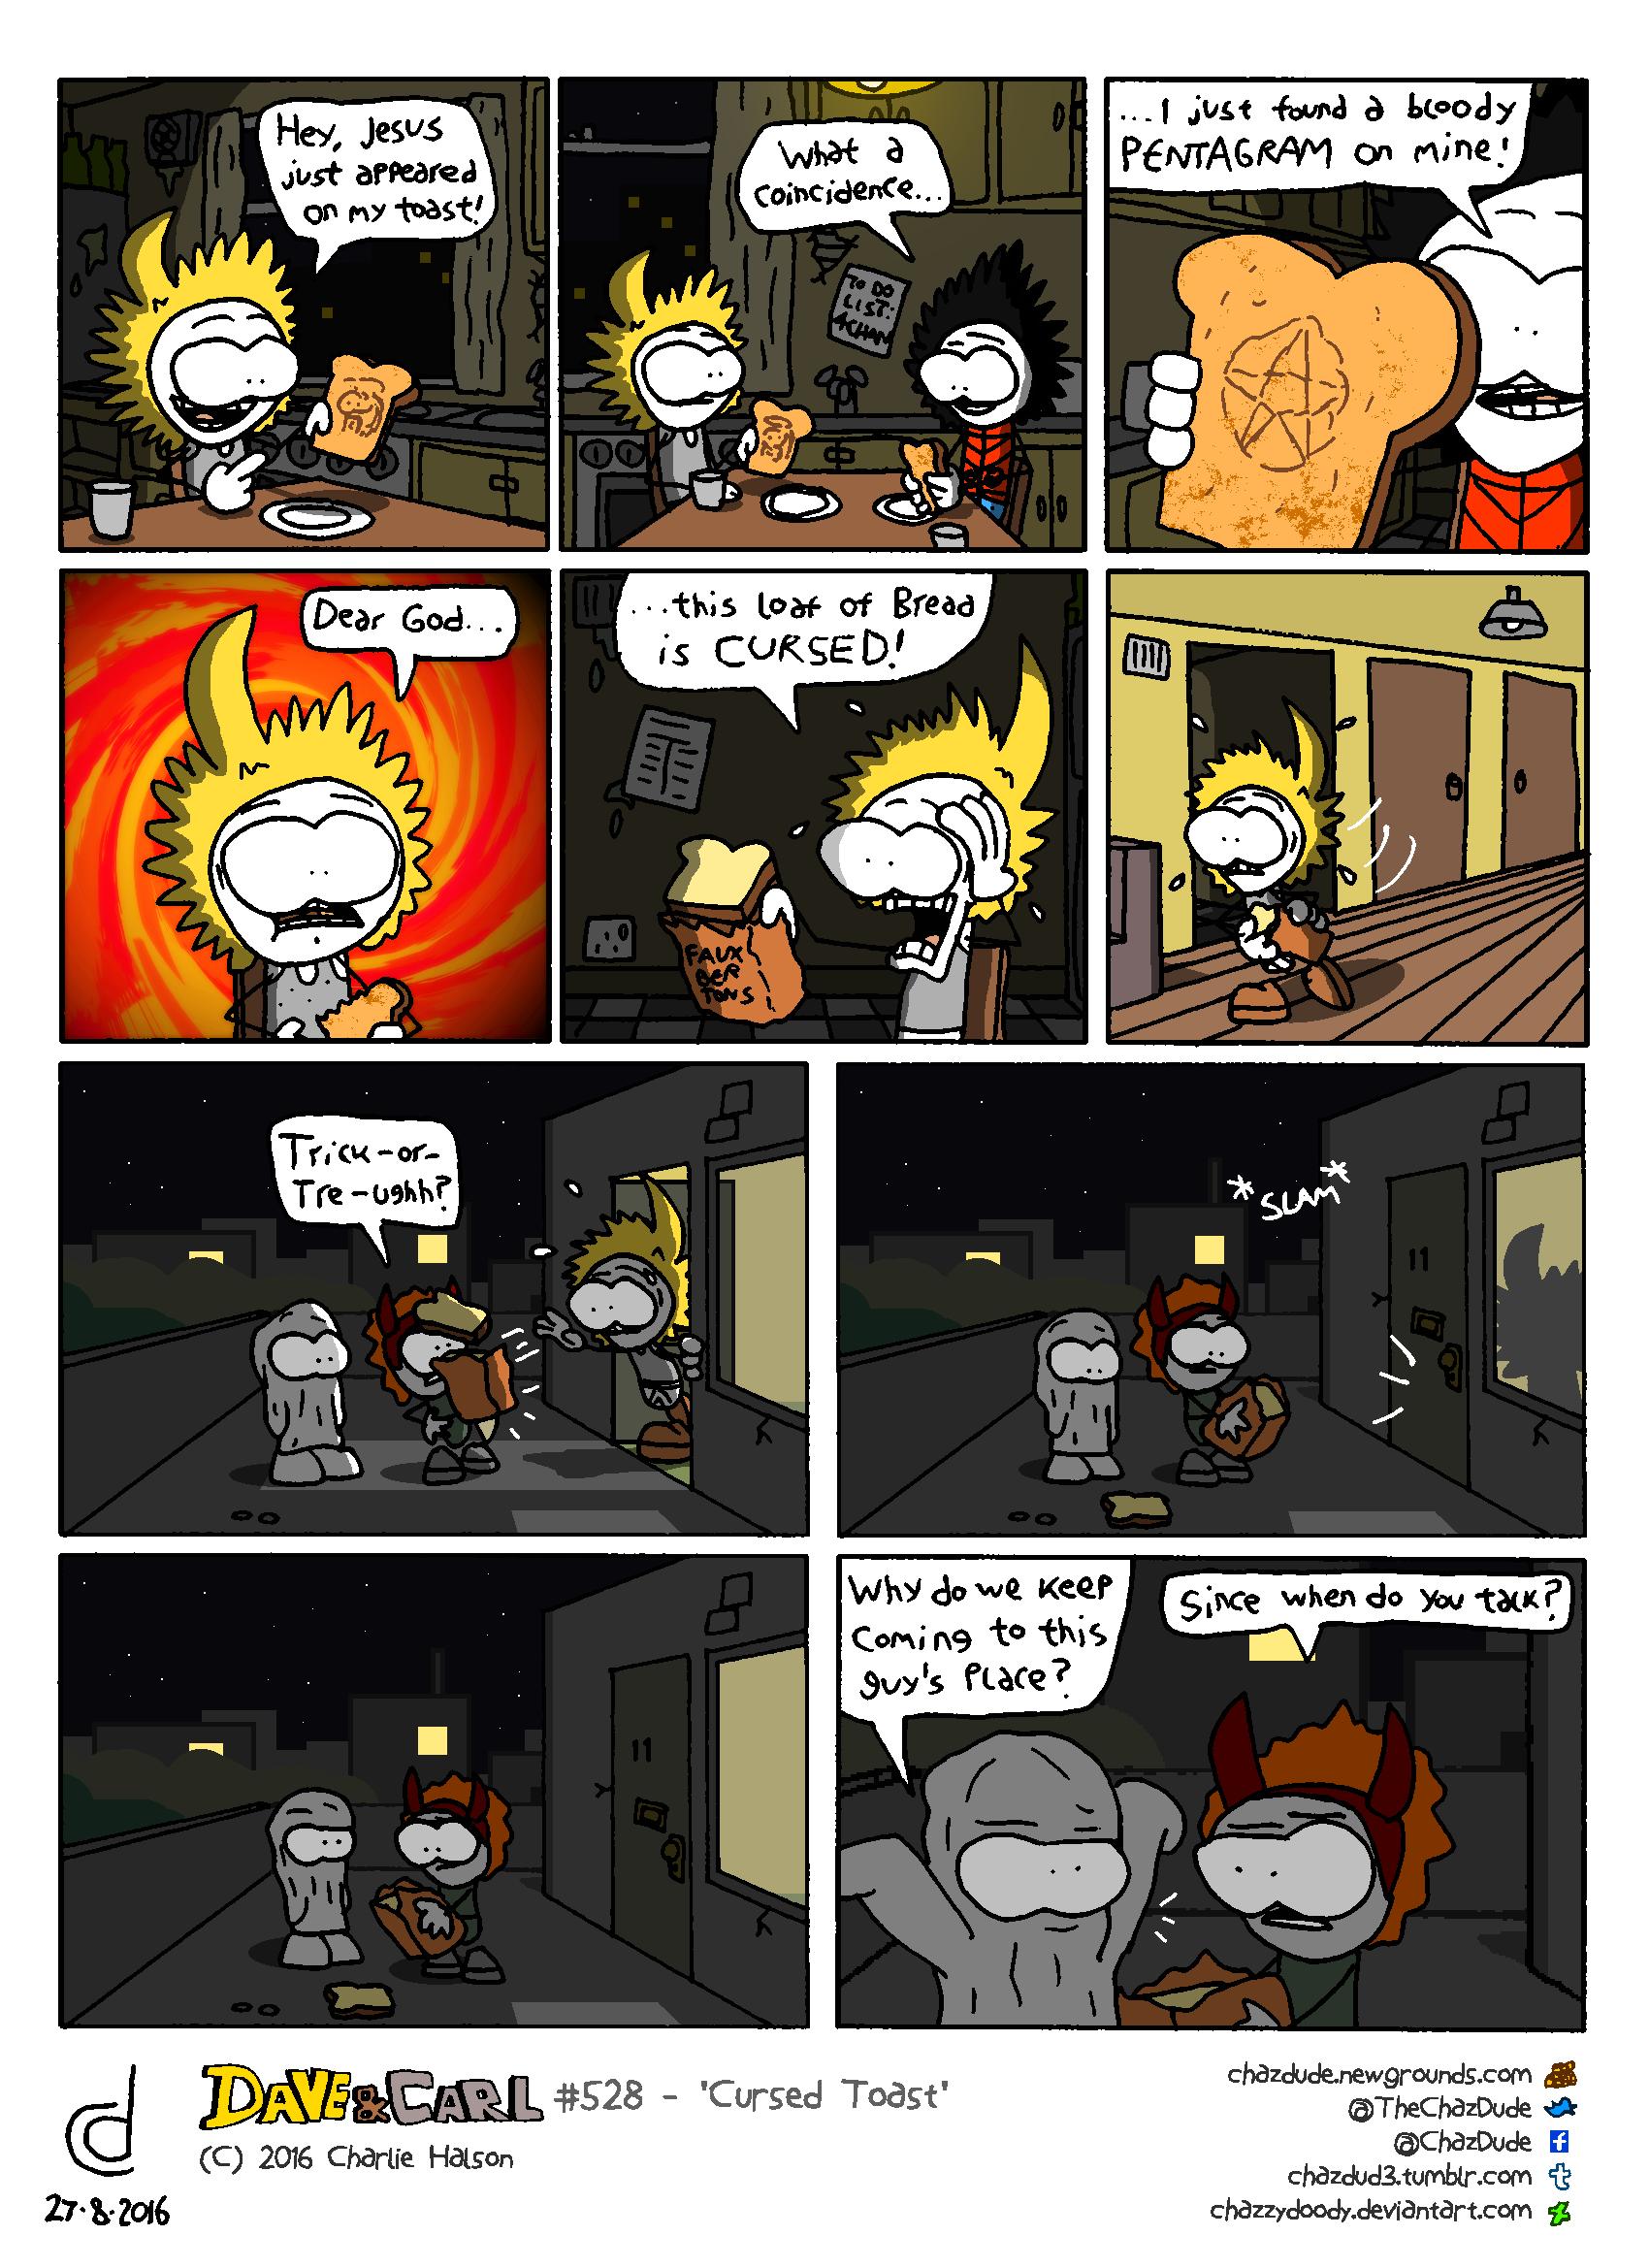 Cursed Toast